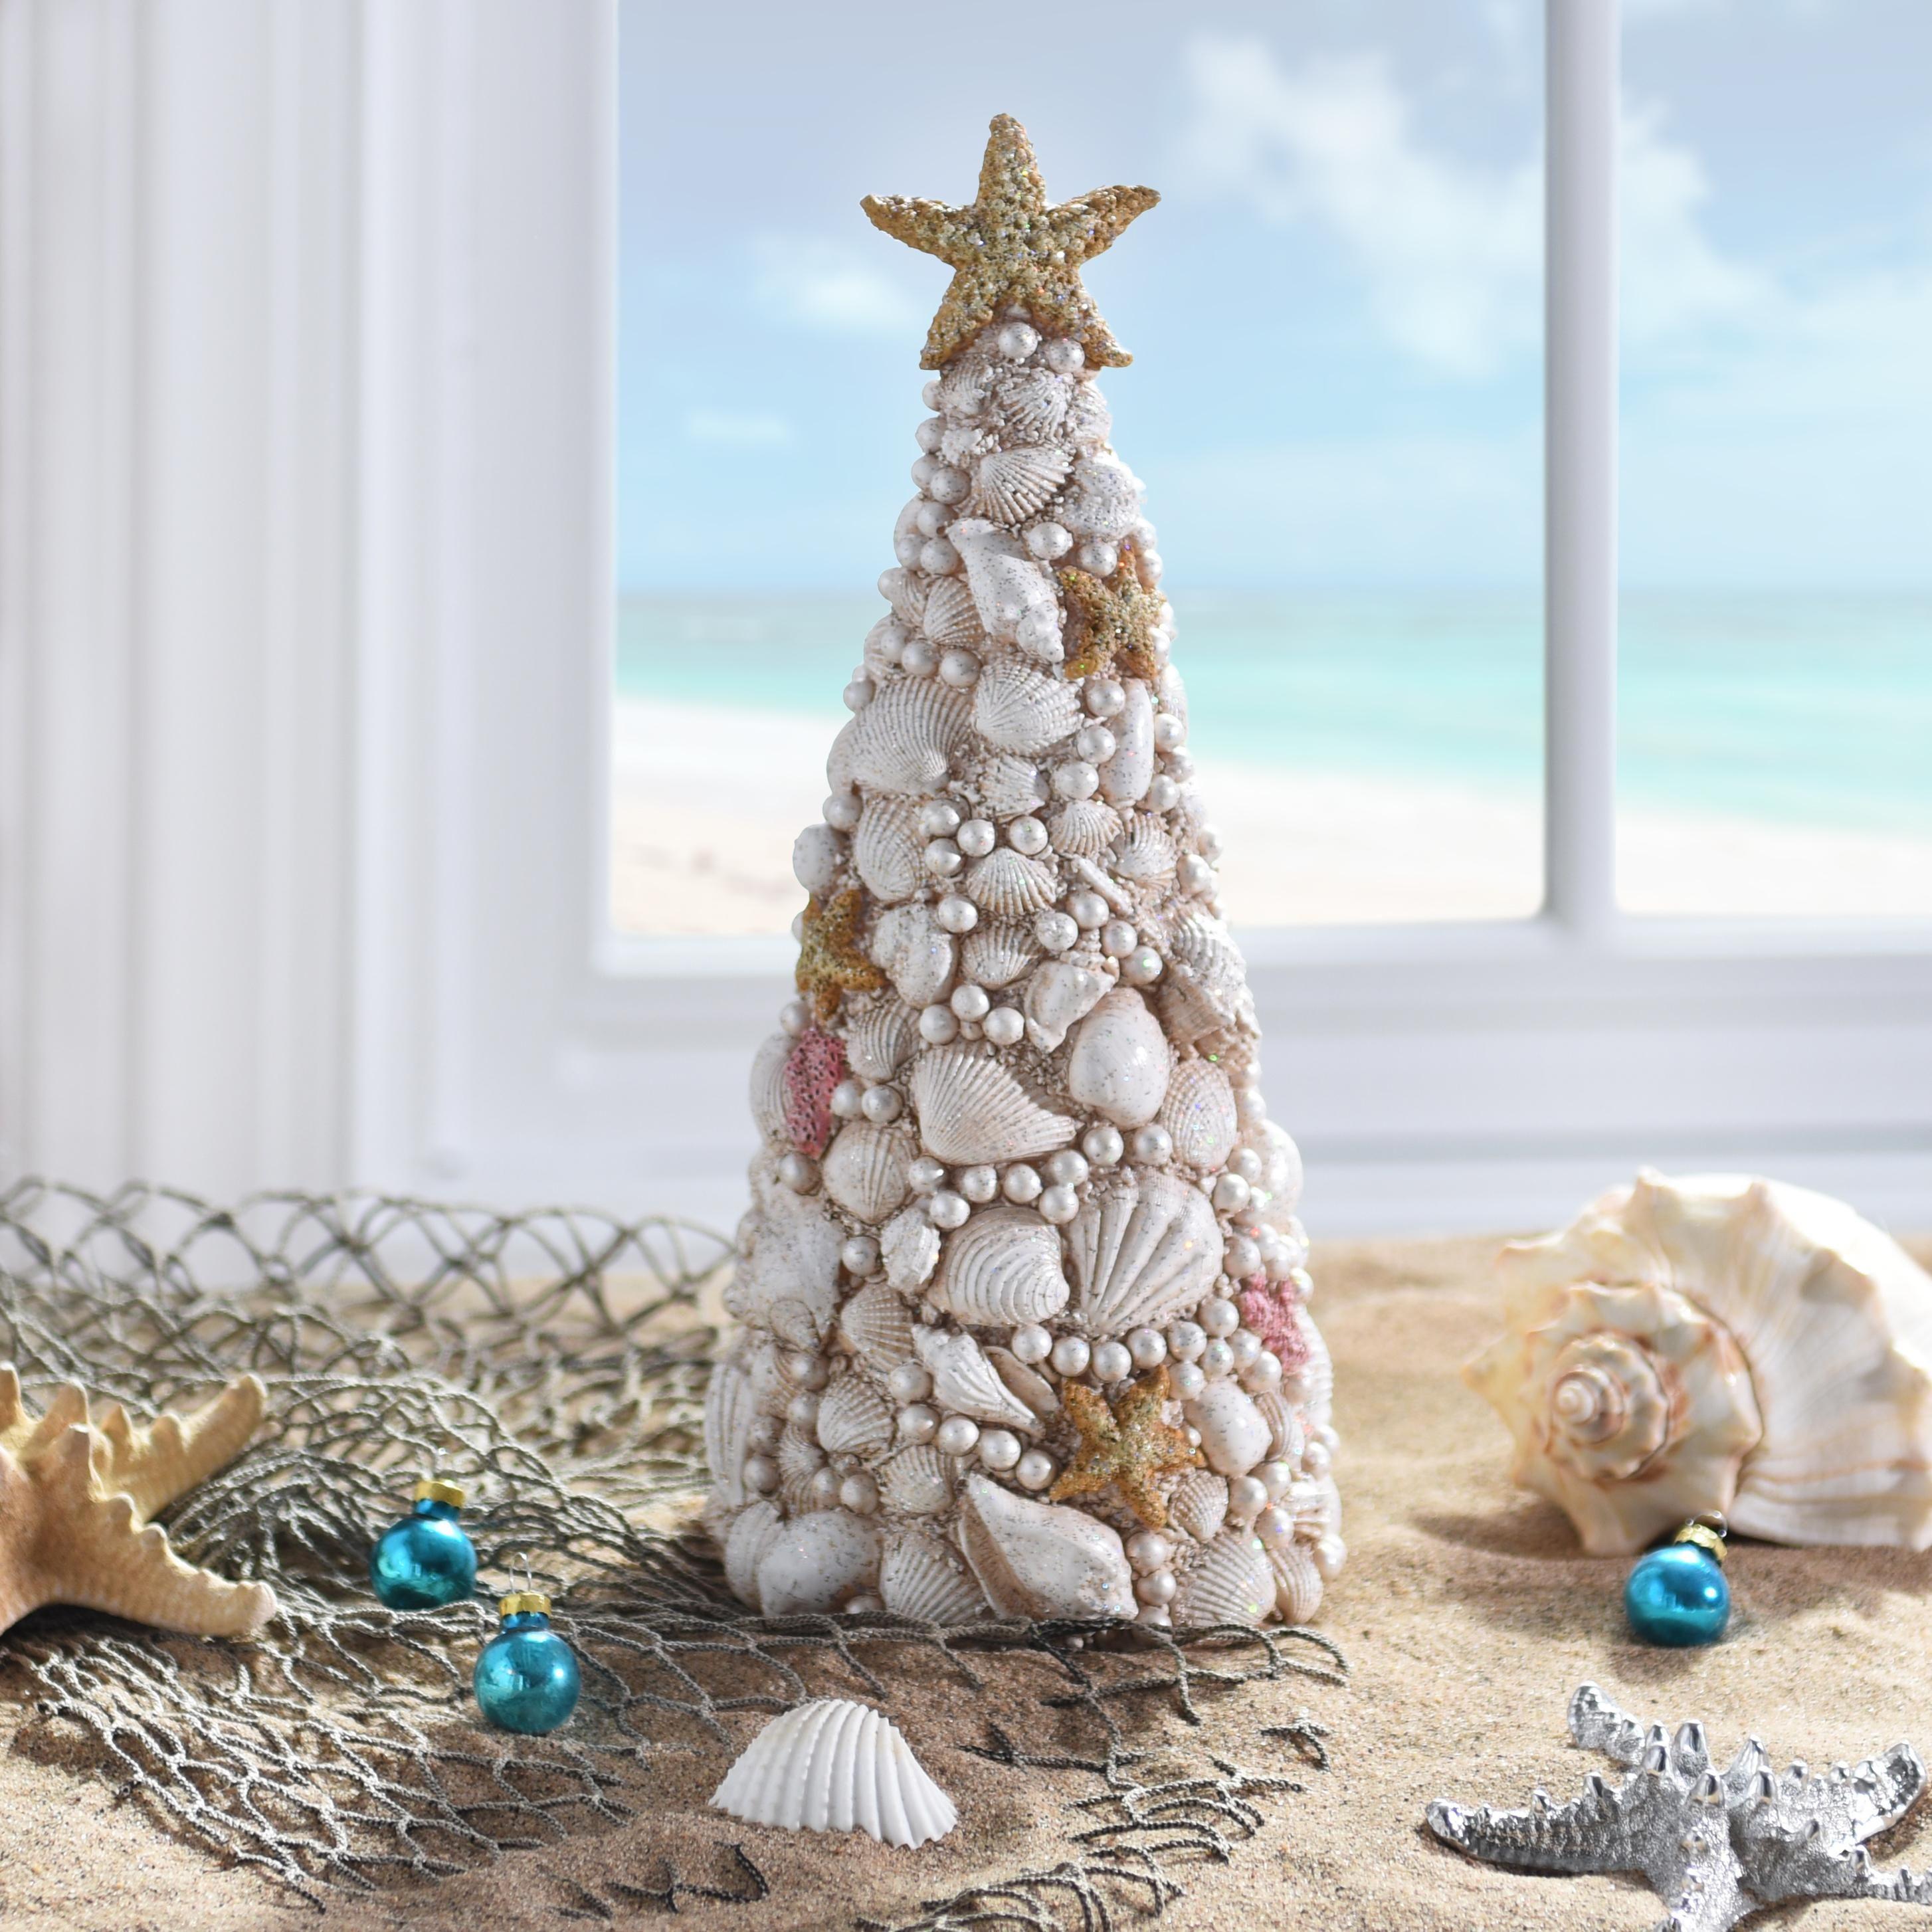 Новогодняя елка из ракушек своими руками. елка из ракушек елка из ракушек